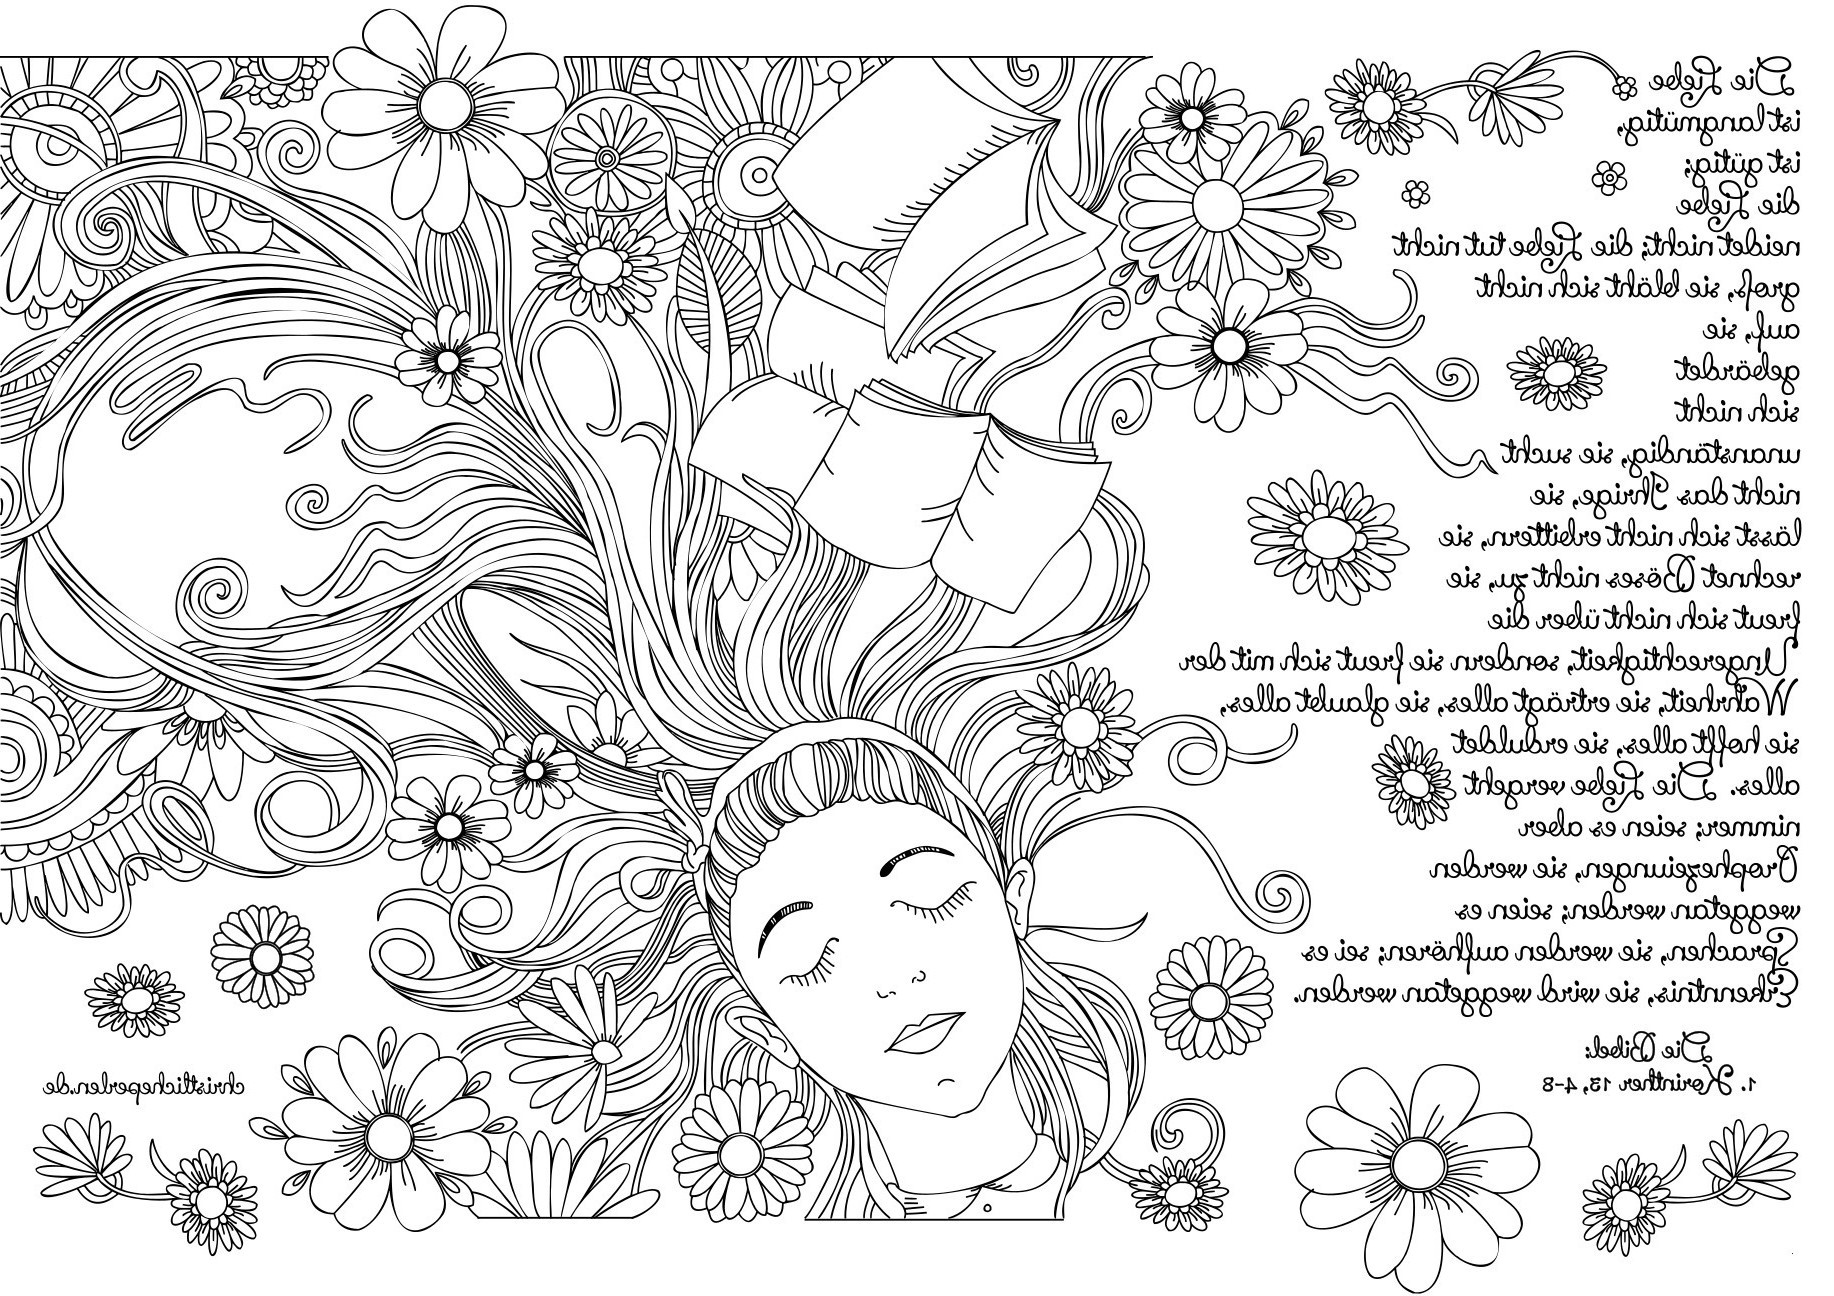 Mandalas Zum Ausdrucken Herzen Inspirierend 22 Lecker Malvorlage Herz – Malvorlagen Ideen Fotografieren